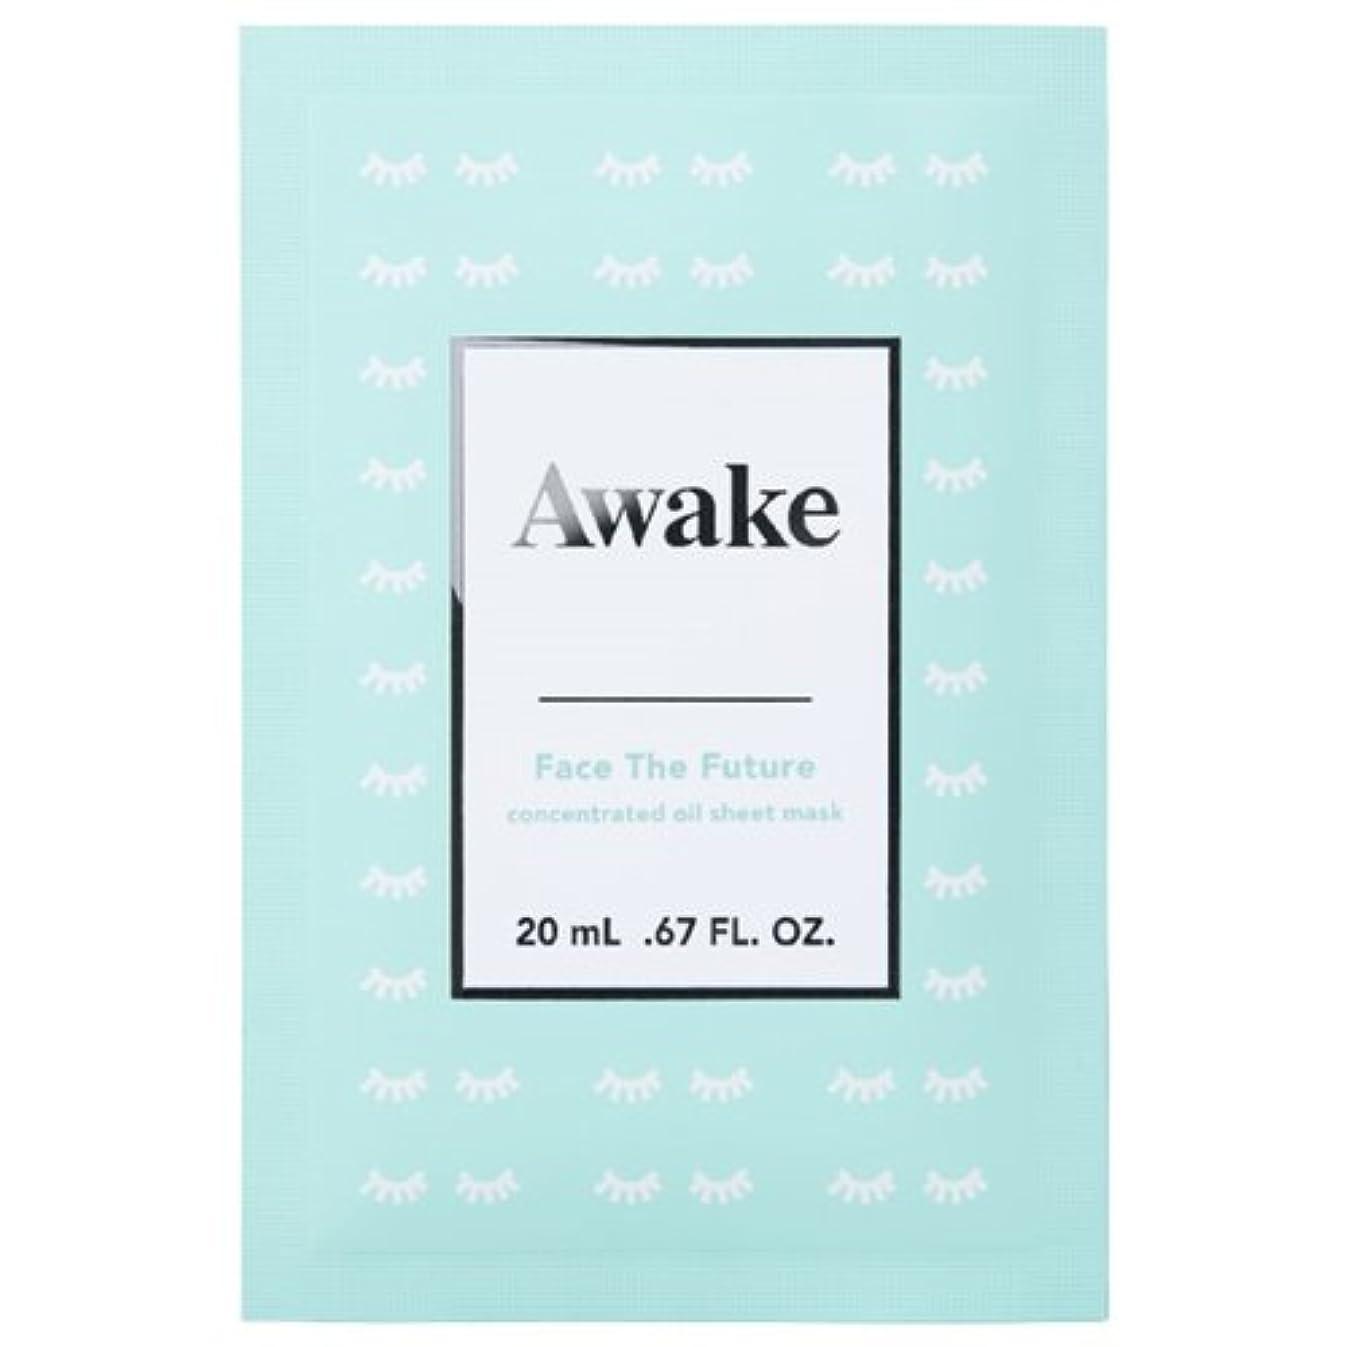 レーザスキムワーカーアウェイク(AWAKE) Awake(アウェイク) フェイスザフューチャー コンセントレイティッド オイルシートマスク (20mL × 6枚入)